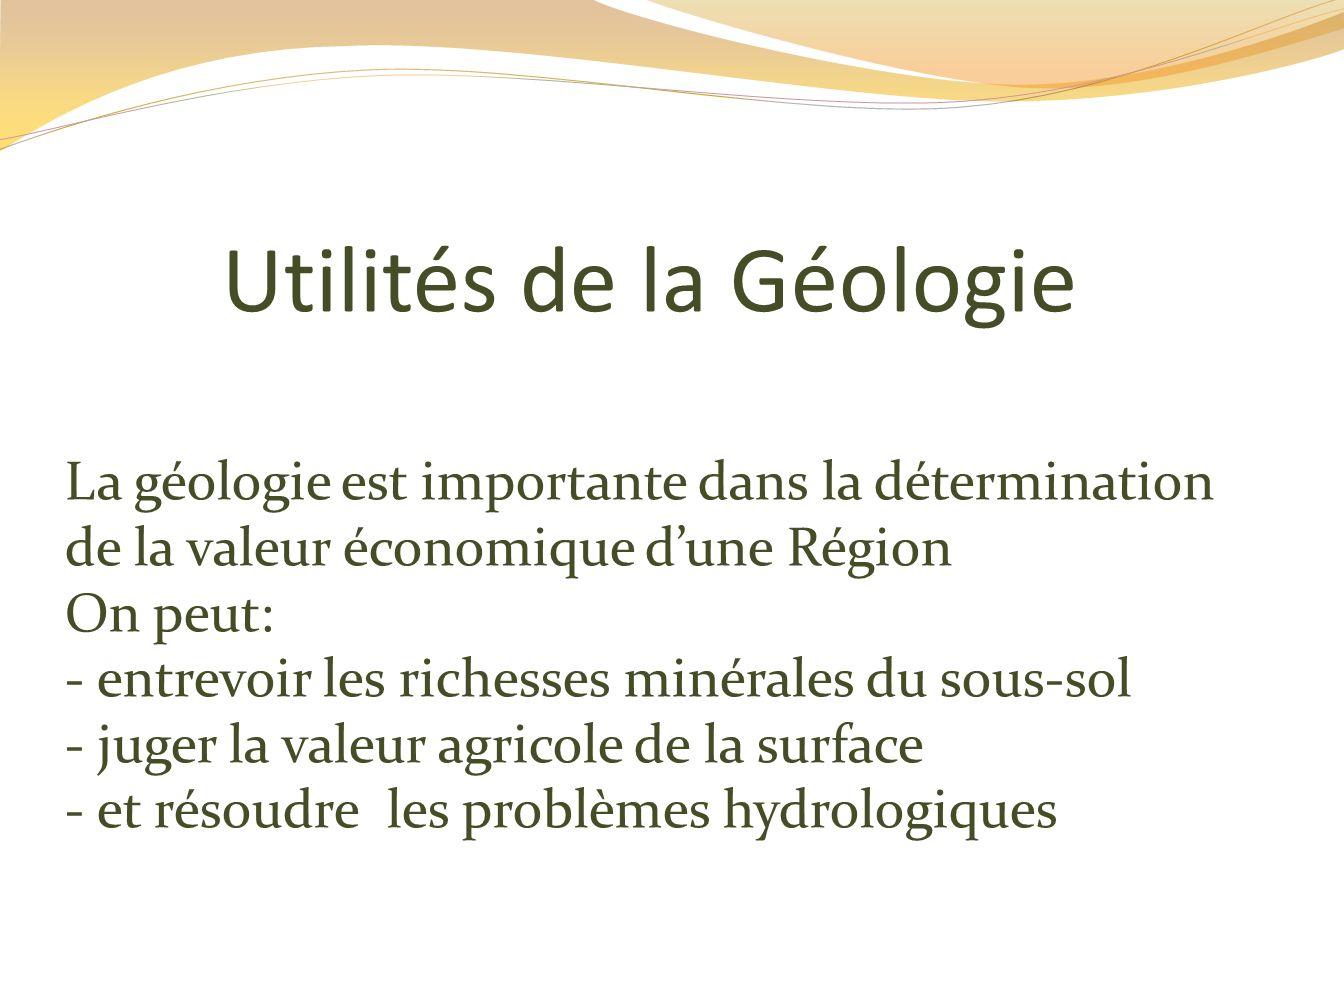 Utilités de la Géologie La géologie est importante dans la détermination de la valeur économique d'une Région On peut: - entrevoir les richesses minérales du sous-sol - juger la valeur agricole de la surface - et résoudre les problèmes hydrologiques